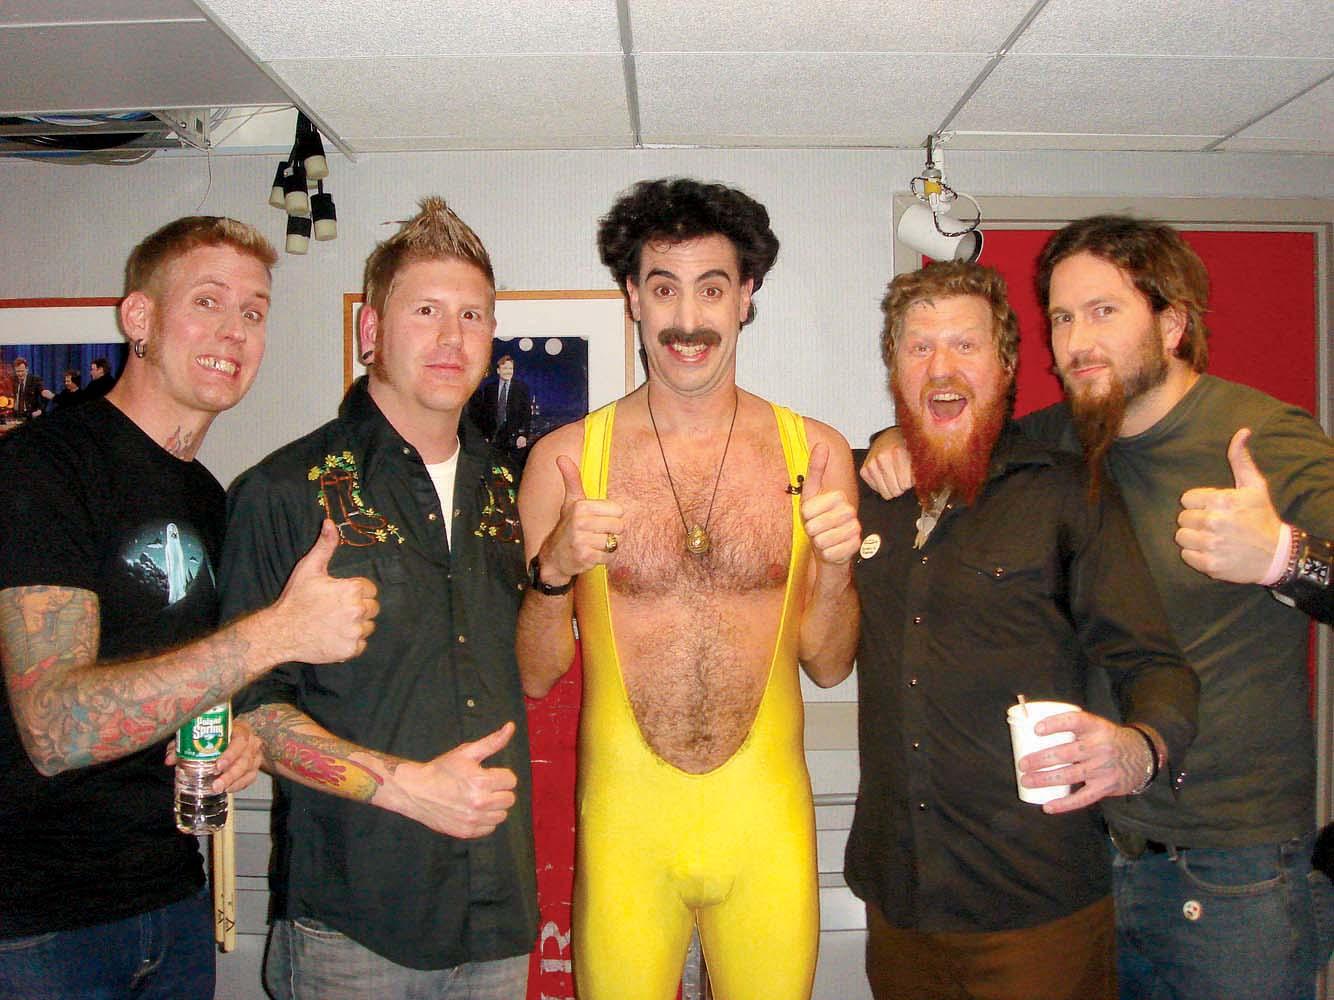 Mastodon-y-Borat.jpg